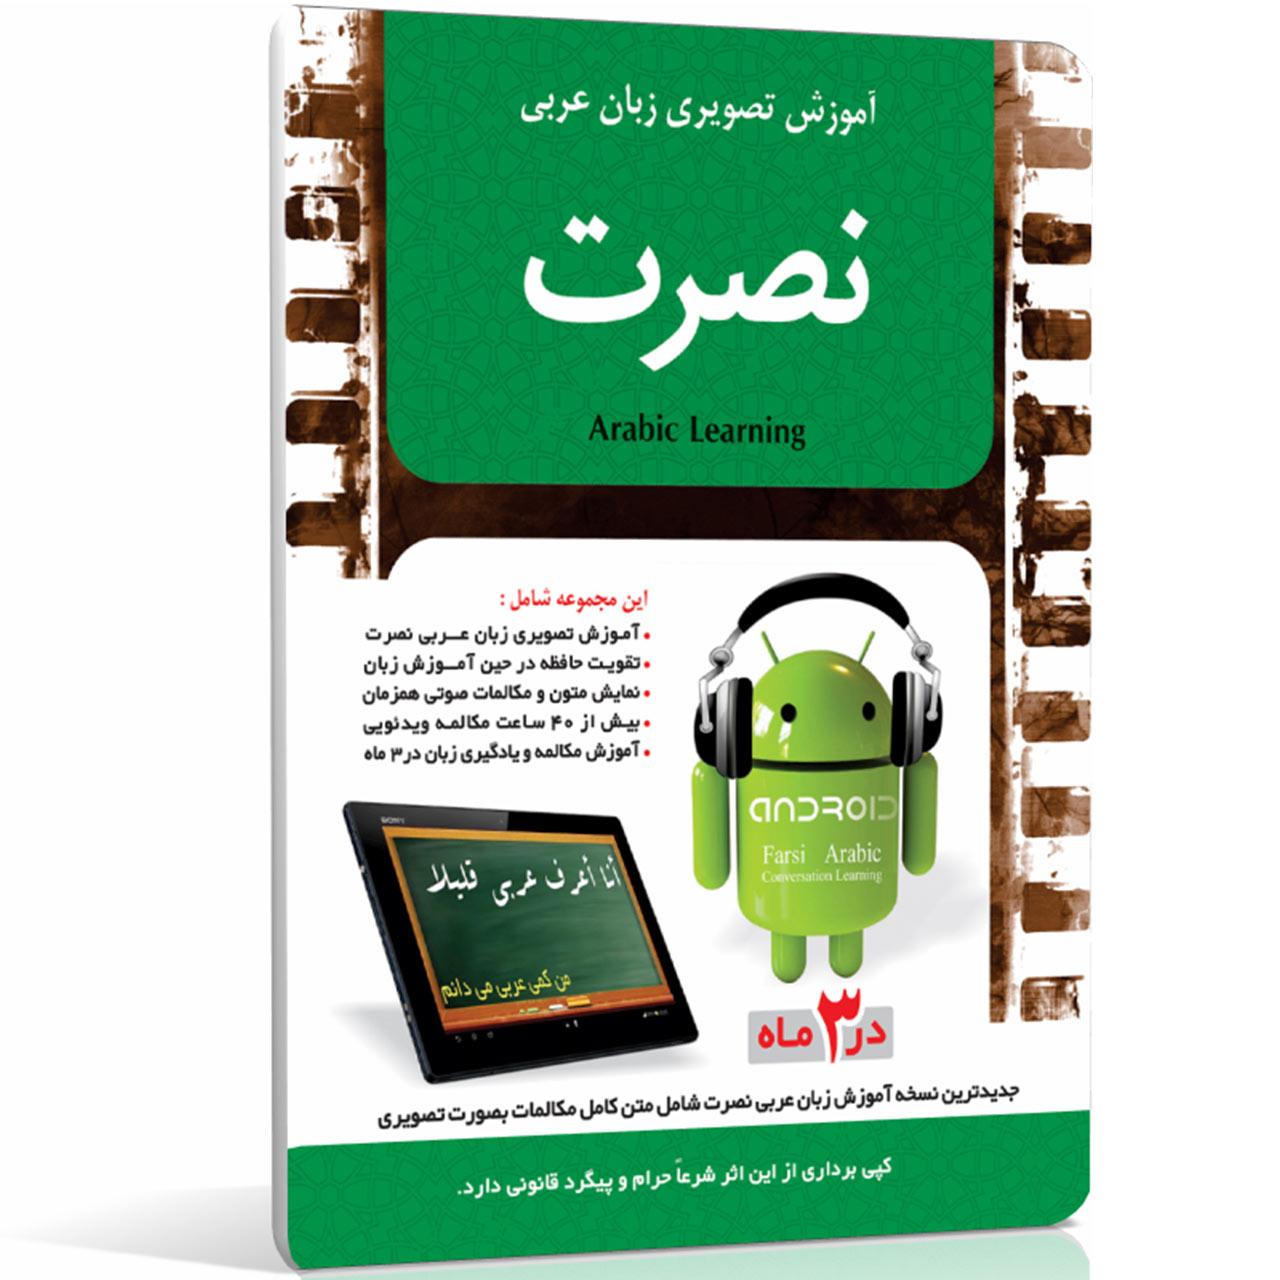 آموزش تصویری زبان عربی موسسه نصرت اندیشه مبنا